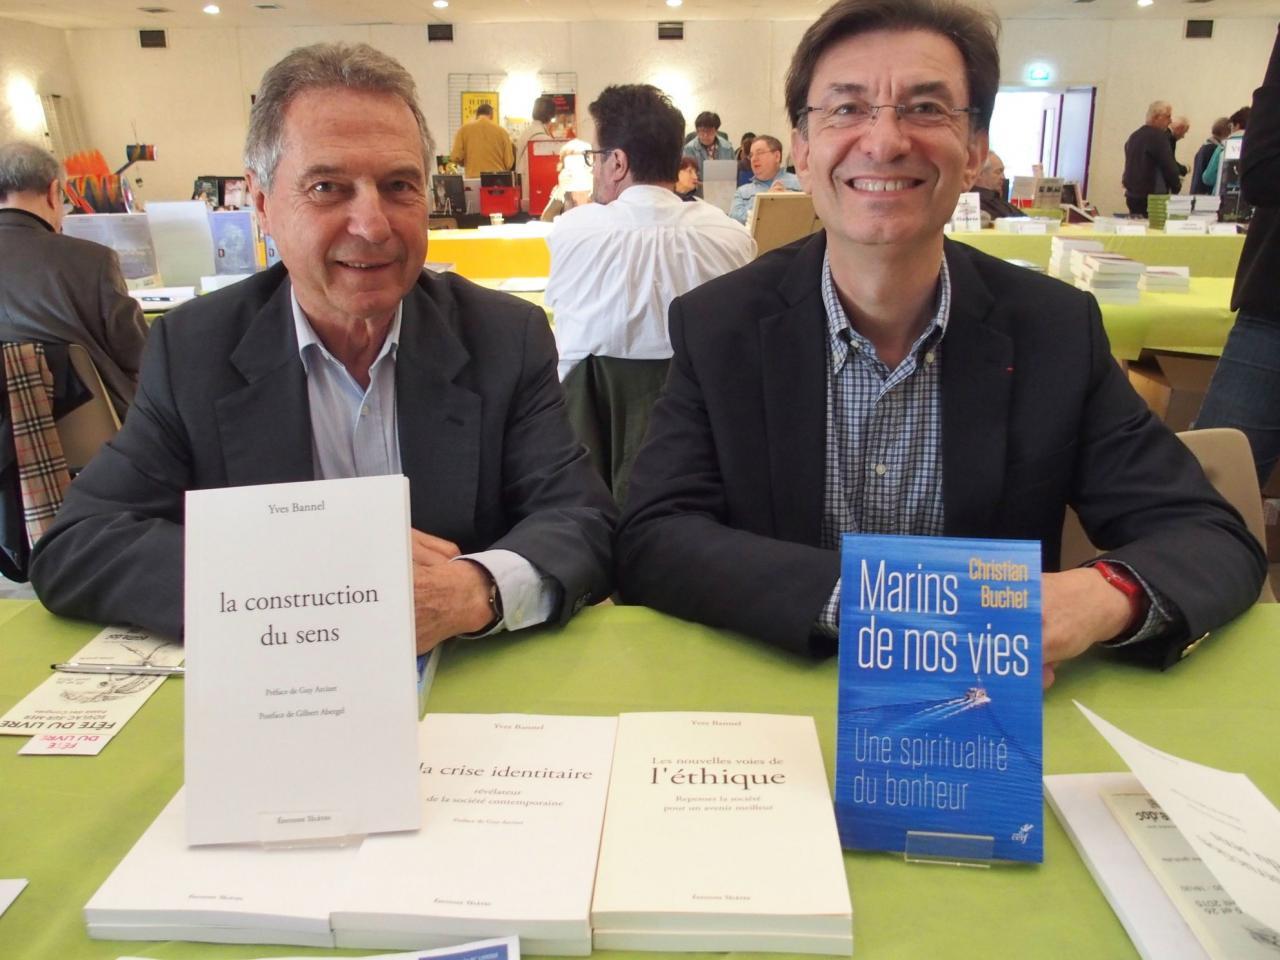 Yves Bannel et Christian Buchet